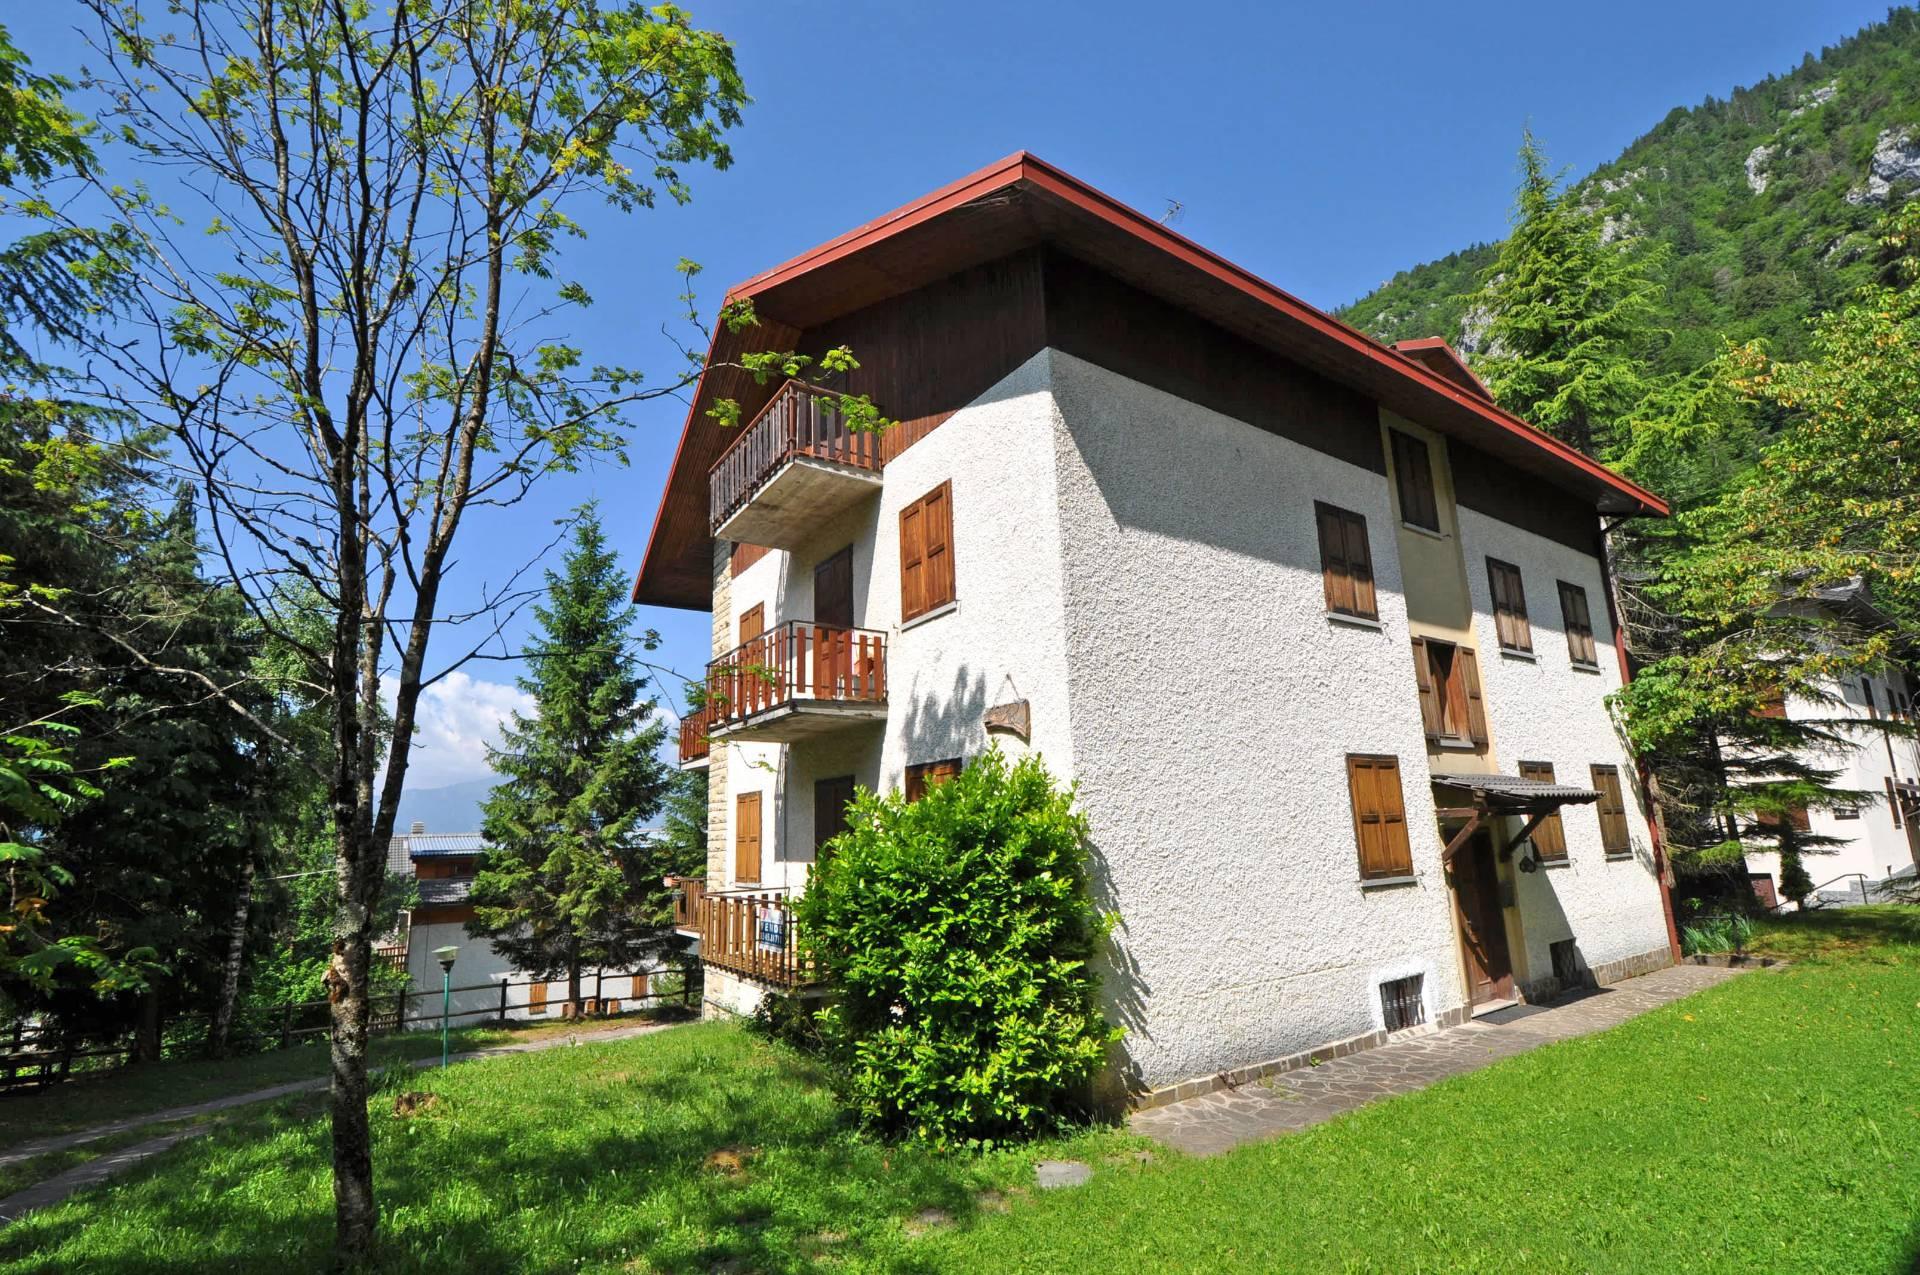 Appartamento in vendita a Piazzatorre, 3 locali, prezzo € 65.000 | Cambio Casa.it